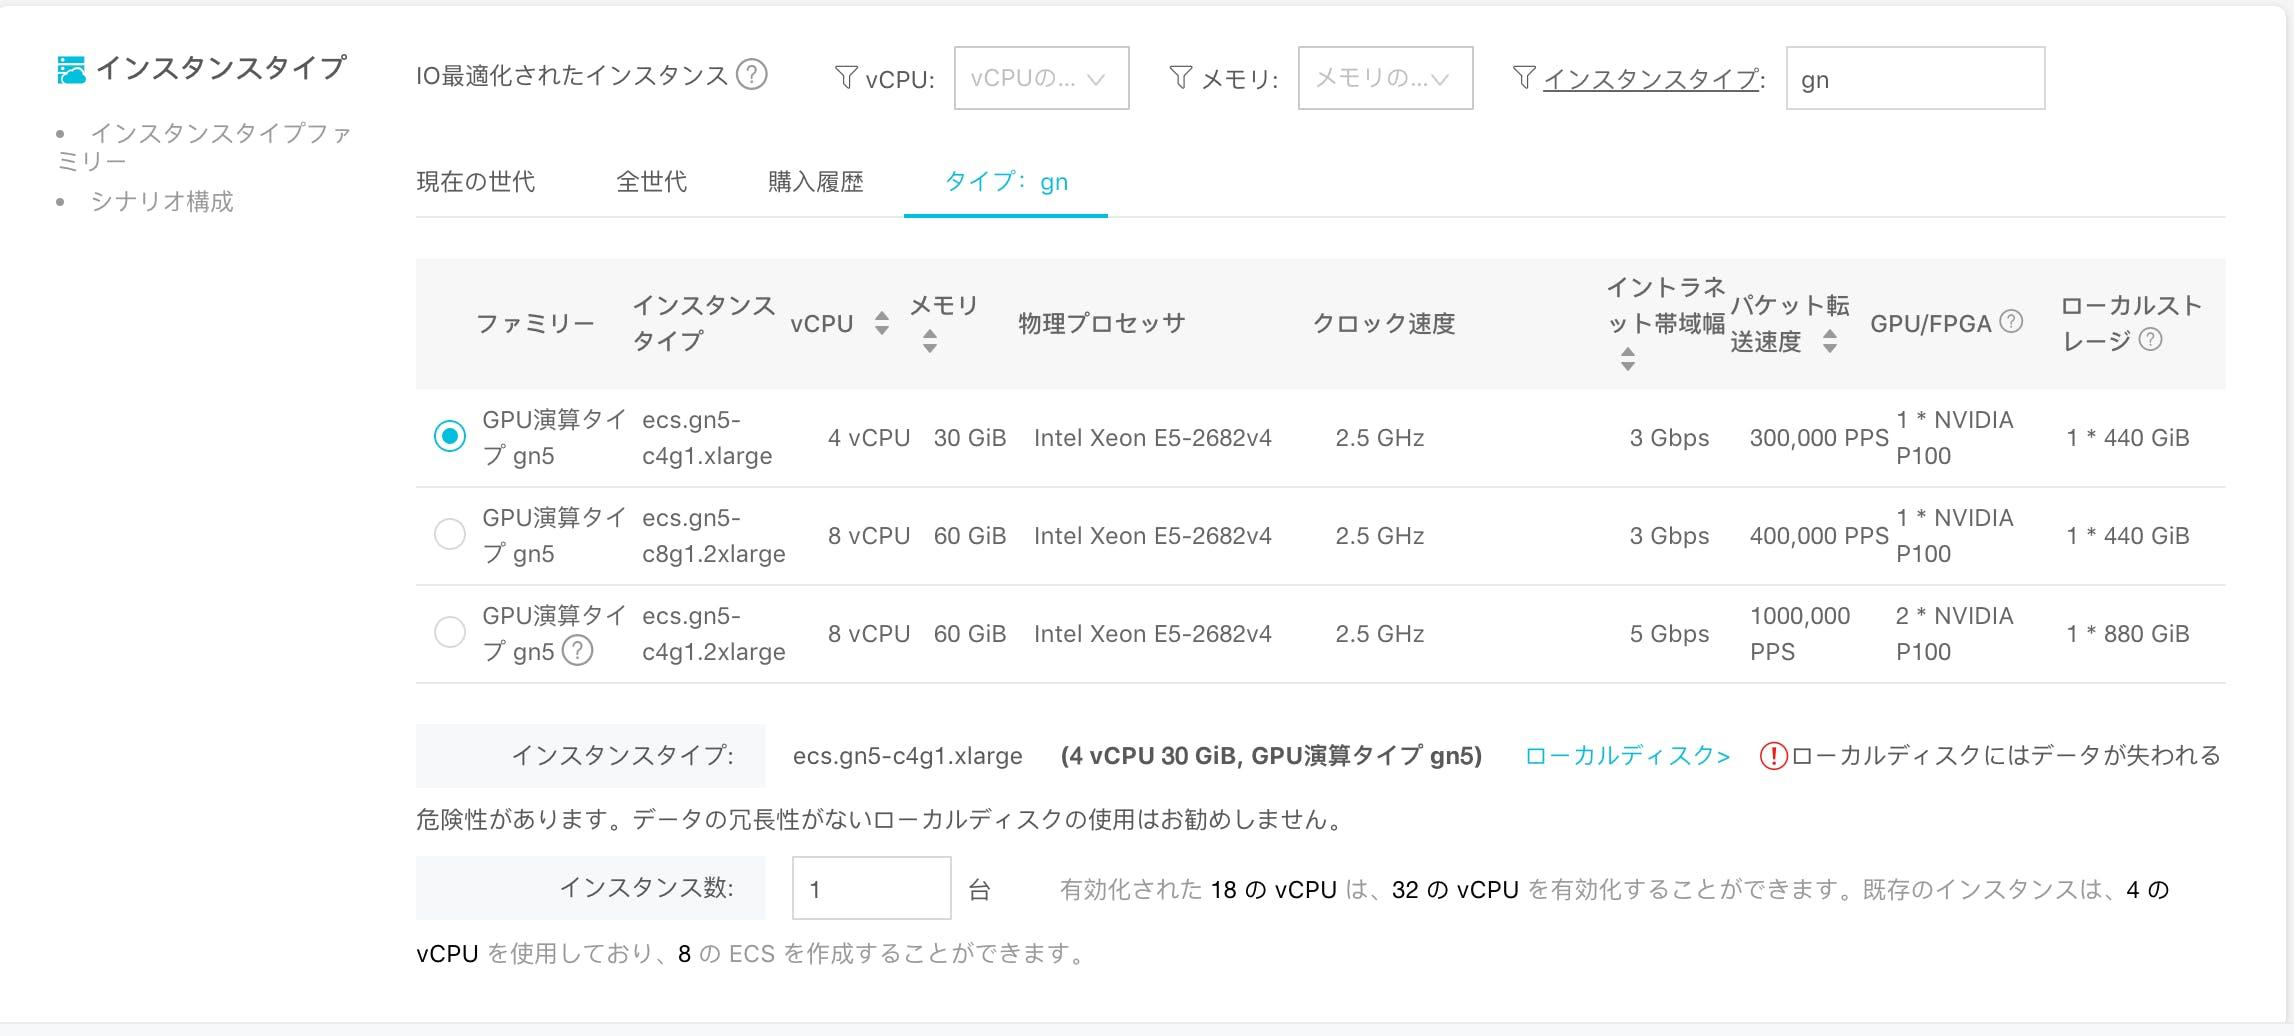 スクリーンショット 2019-03-08 13.24.06.png